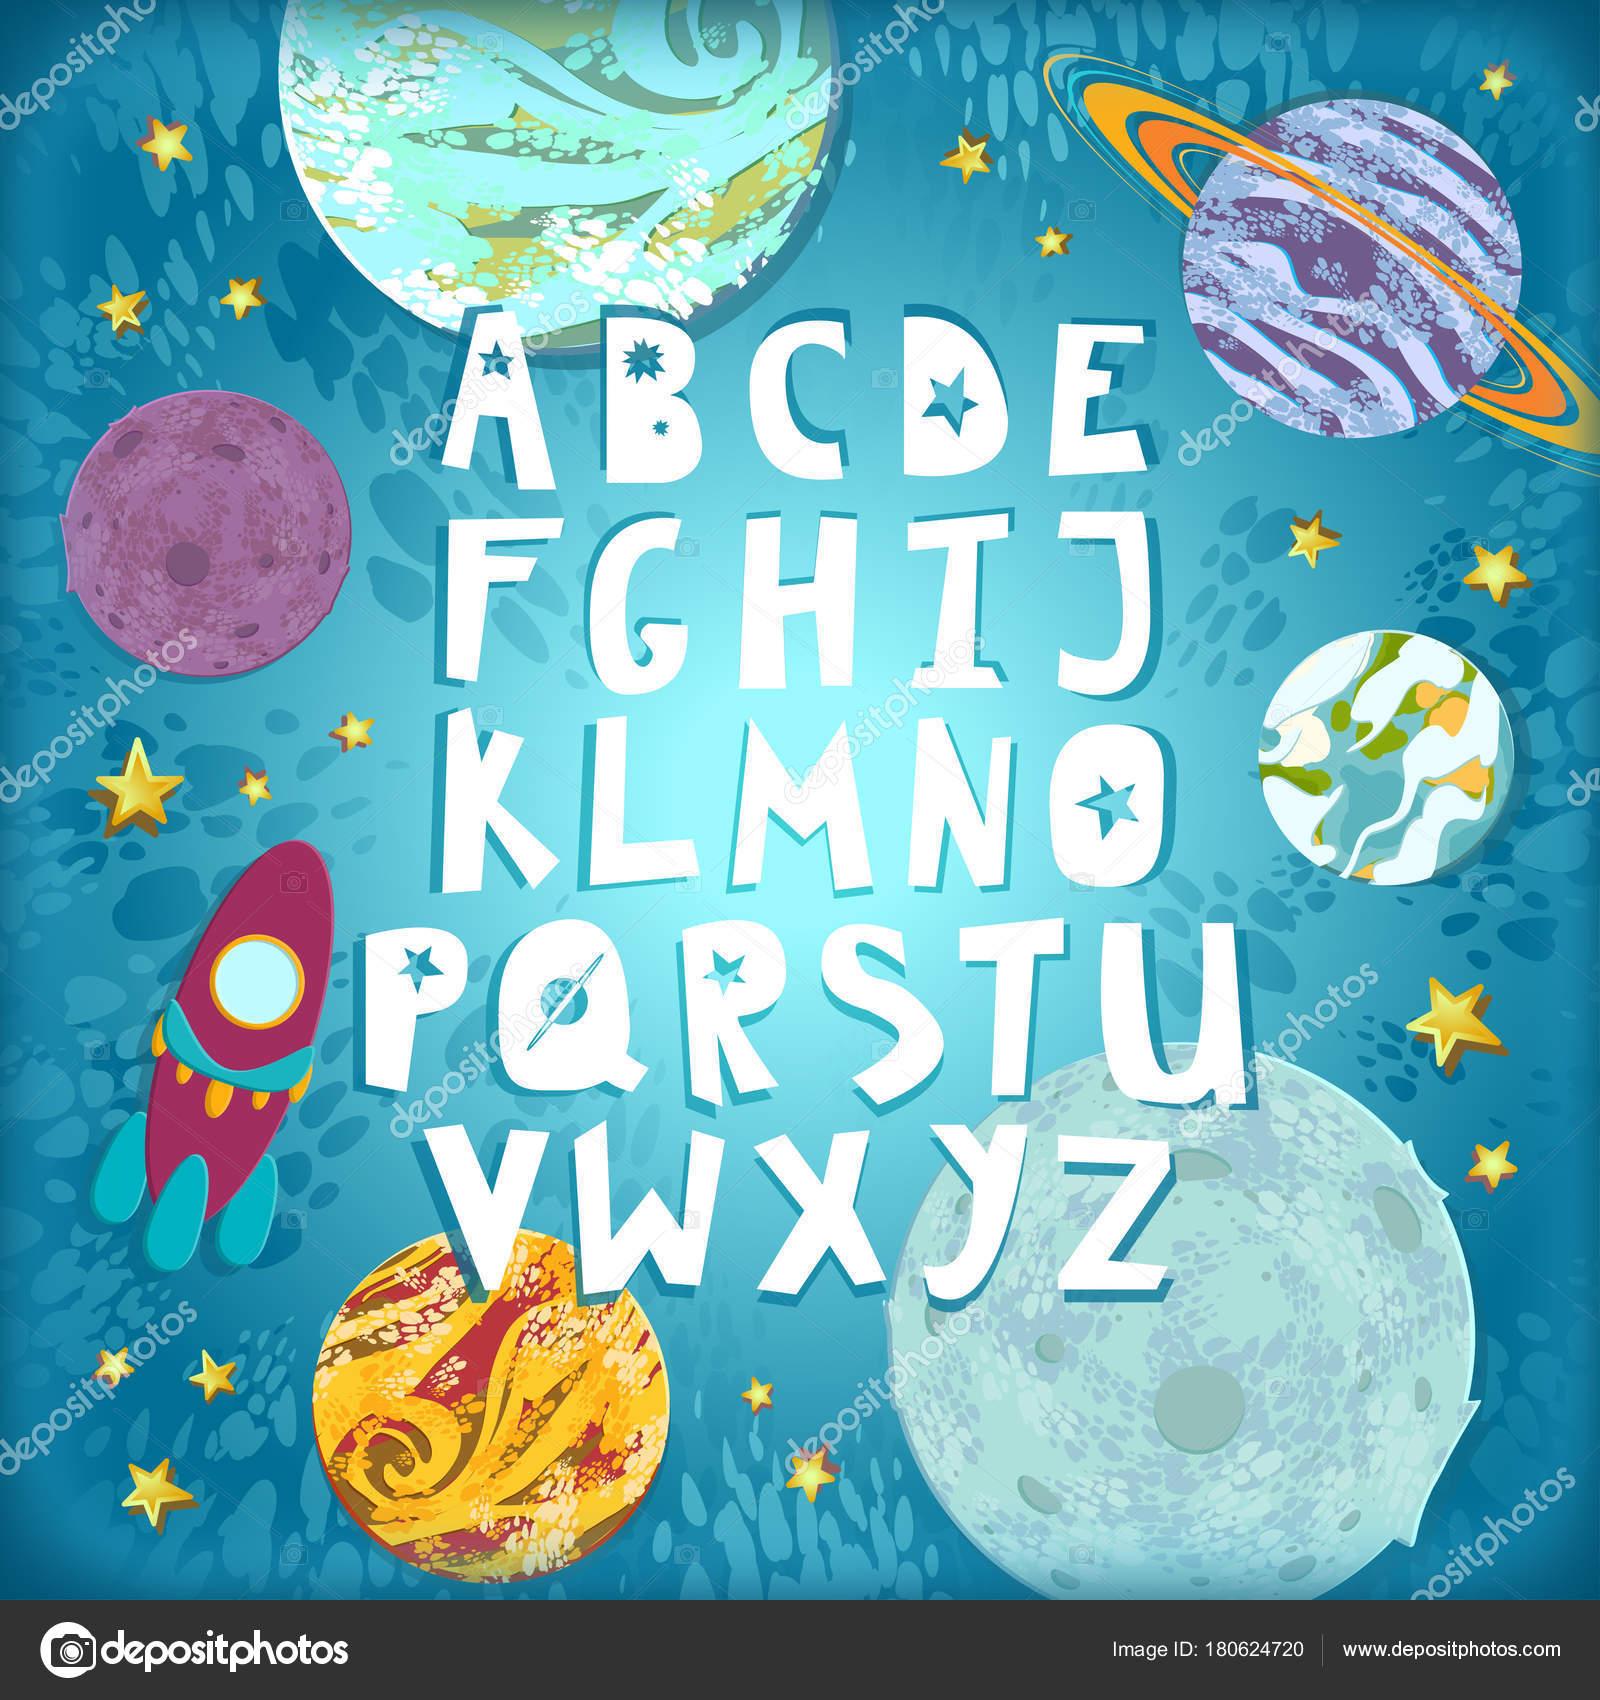 スペースのアルファベット 宇宙飛行士漫画かわいい ロケットや宇宙船の